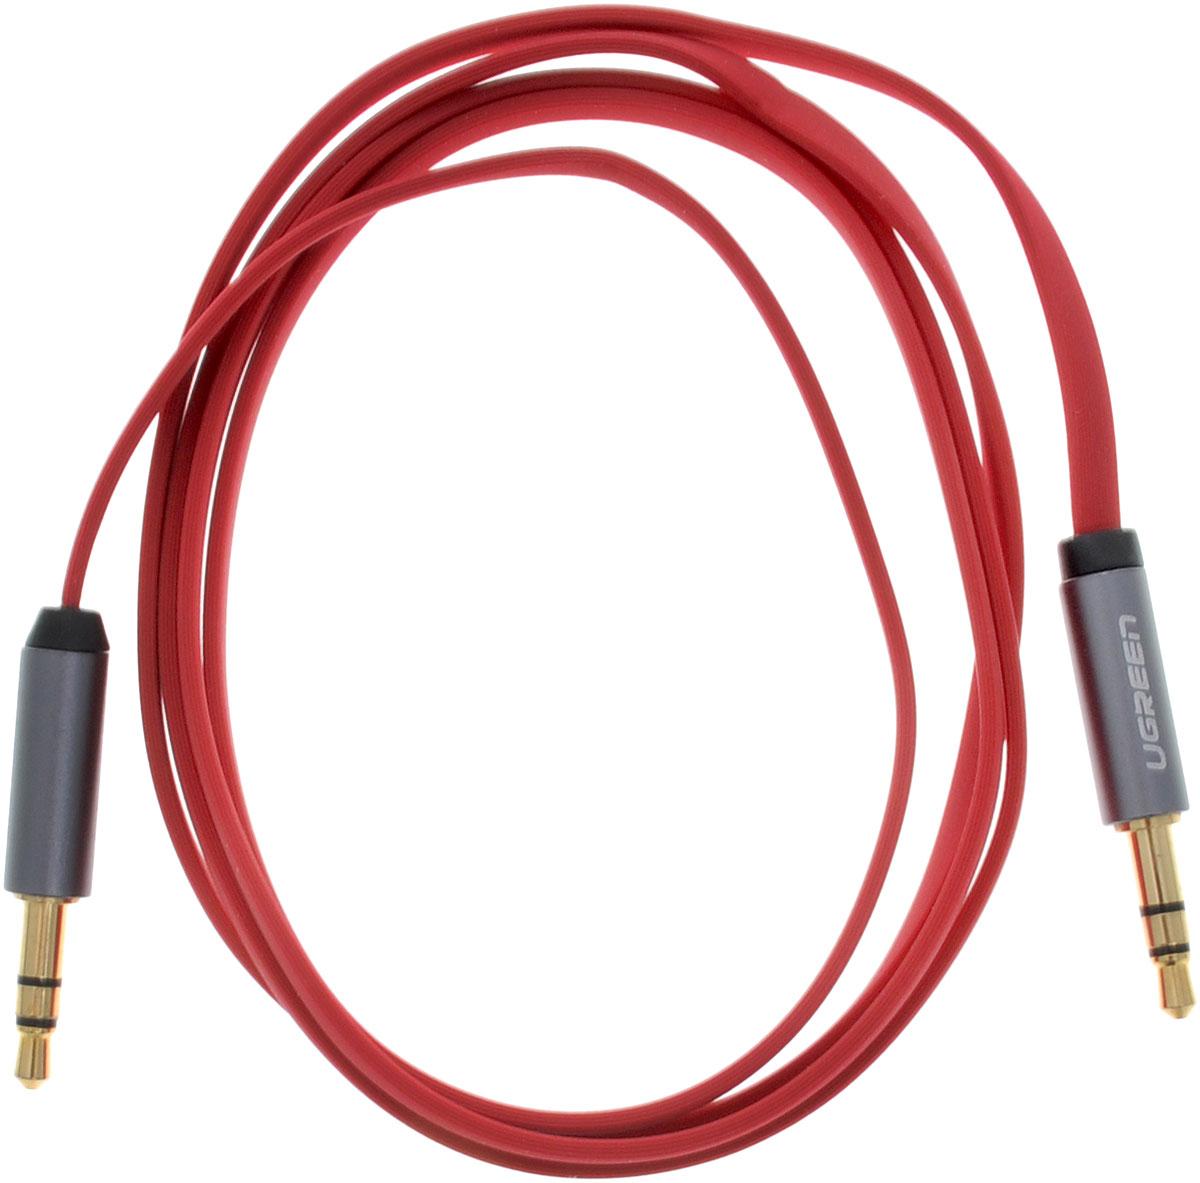 Ugreen UG-10792, Red Silver кабель AUX 1 мUG-10792Кабель Ugreen UG-10792 может быть использован для подключения, например, гарнитуры с MP3-плеером, компьютера, DVD, TV, радио, CD плеер в которых есть данный аудиоразъем. Главное отличие этого аудио кабеля - мягкая оболочка и стильные металлические соединители. Прекрасное качество исполнения и экранирование позволит избежать влияния помех при передаче сигнала. Толщина кабеля: 1,5 х 3,5 мм Тип оболочки: ПВХ